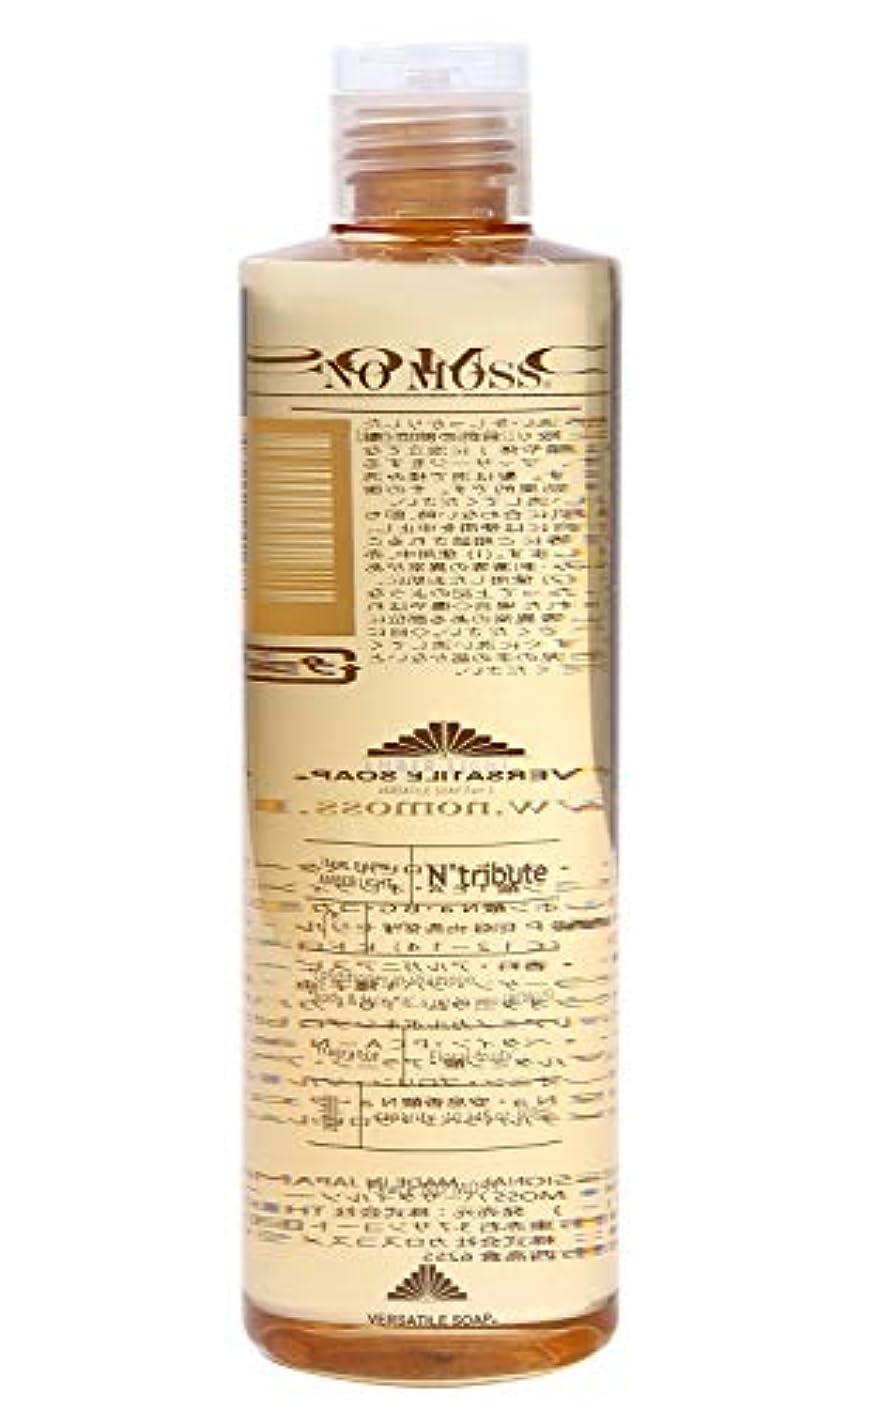 ツイン業界波NO MOSS VERSATILE SOAP(ノーモス バーサタイル ソープ) AMBER LIGHT 300ml